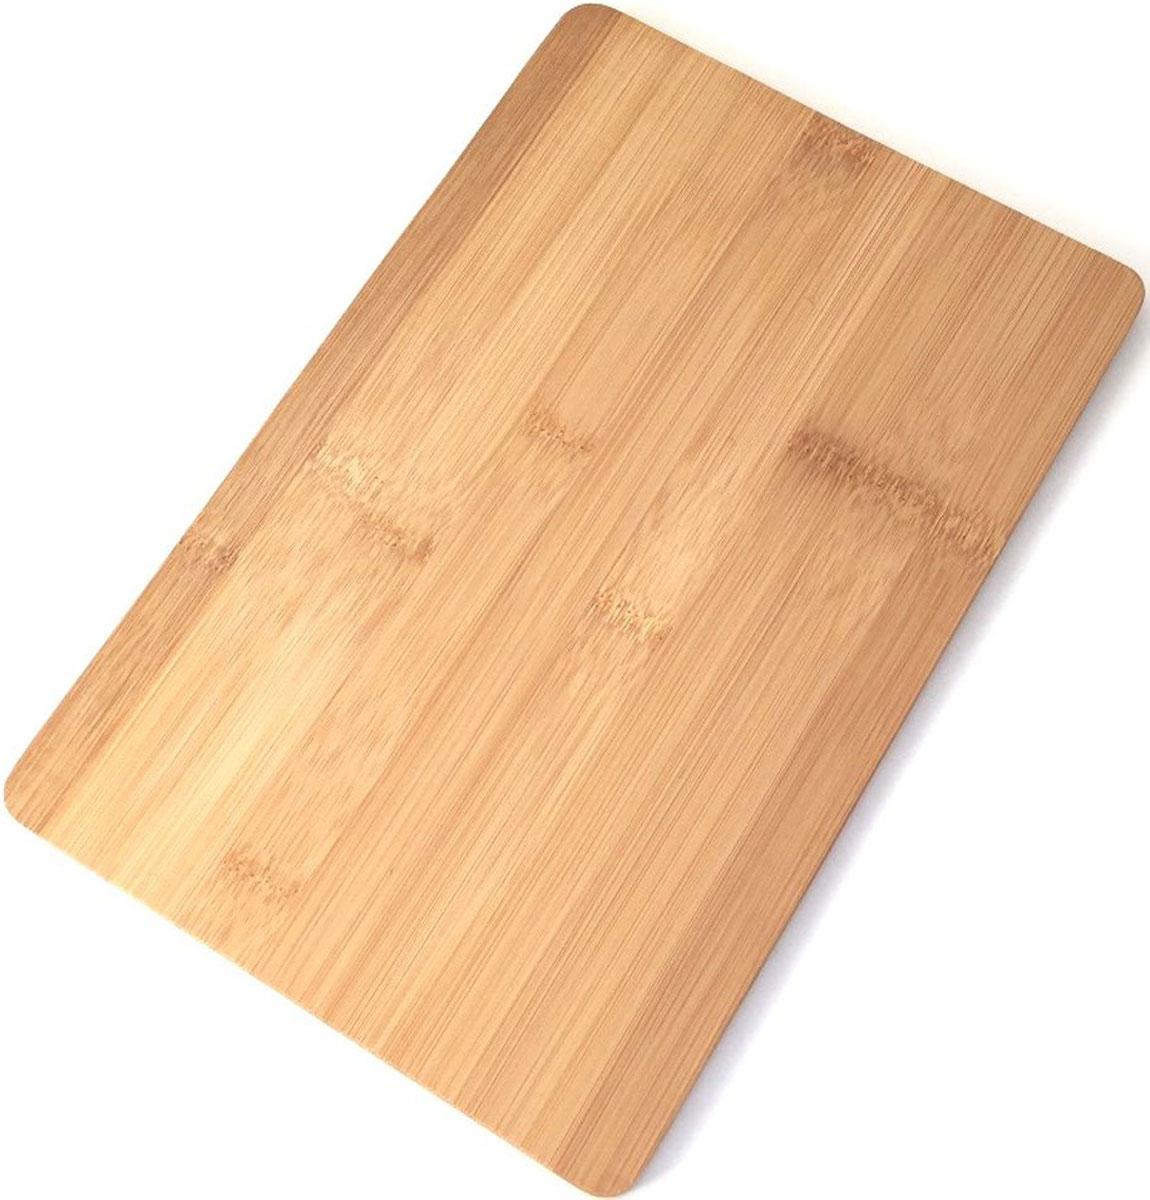 Доска разделочная Dommix, прямоугольная, 20 х 30 х 1 см. BNB95068/5/2Доска разделочная Dommix выполнена из натурального дерева.Прекрасно подходит для приготовления и сервировки пищи. Особенности разделочной доски Dommix:высокое качество шлифовки поверхности изделий, двухслойное покрытие пищевым лаком, безопасным для здоровья человека, степень влажности 8-10%, не трескается и не рассыхается, высокая плотность структуры древесины,устойчива к механическим воздействиям,не предназначена для мытья в посудомоечной машине.